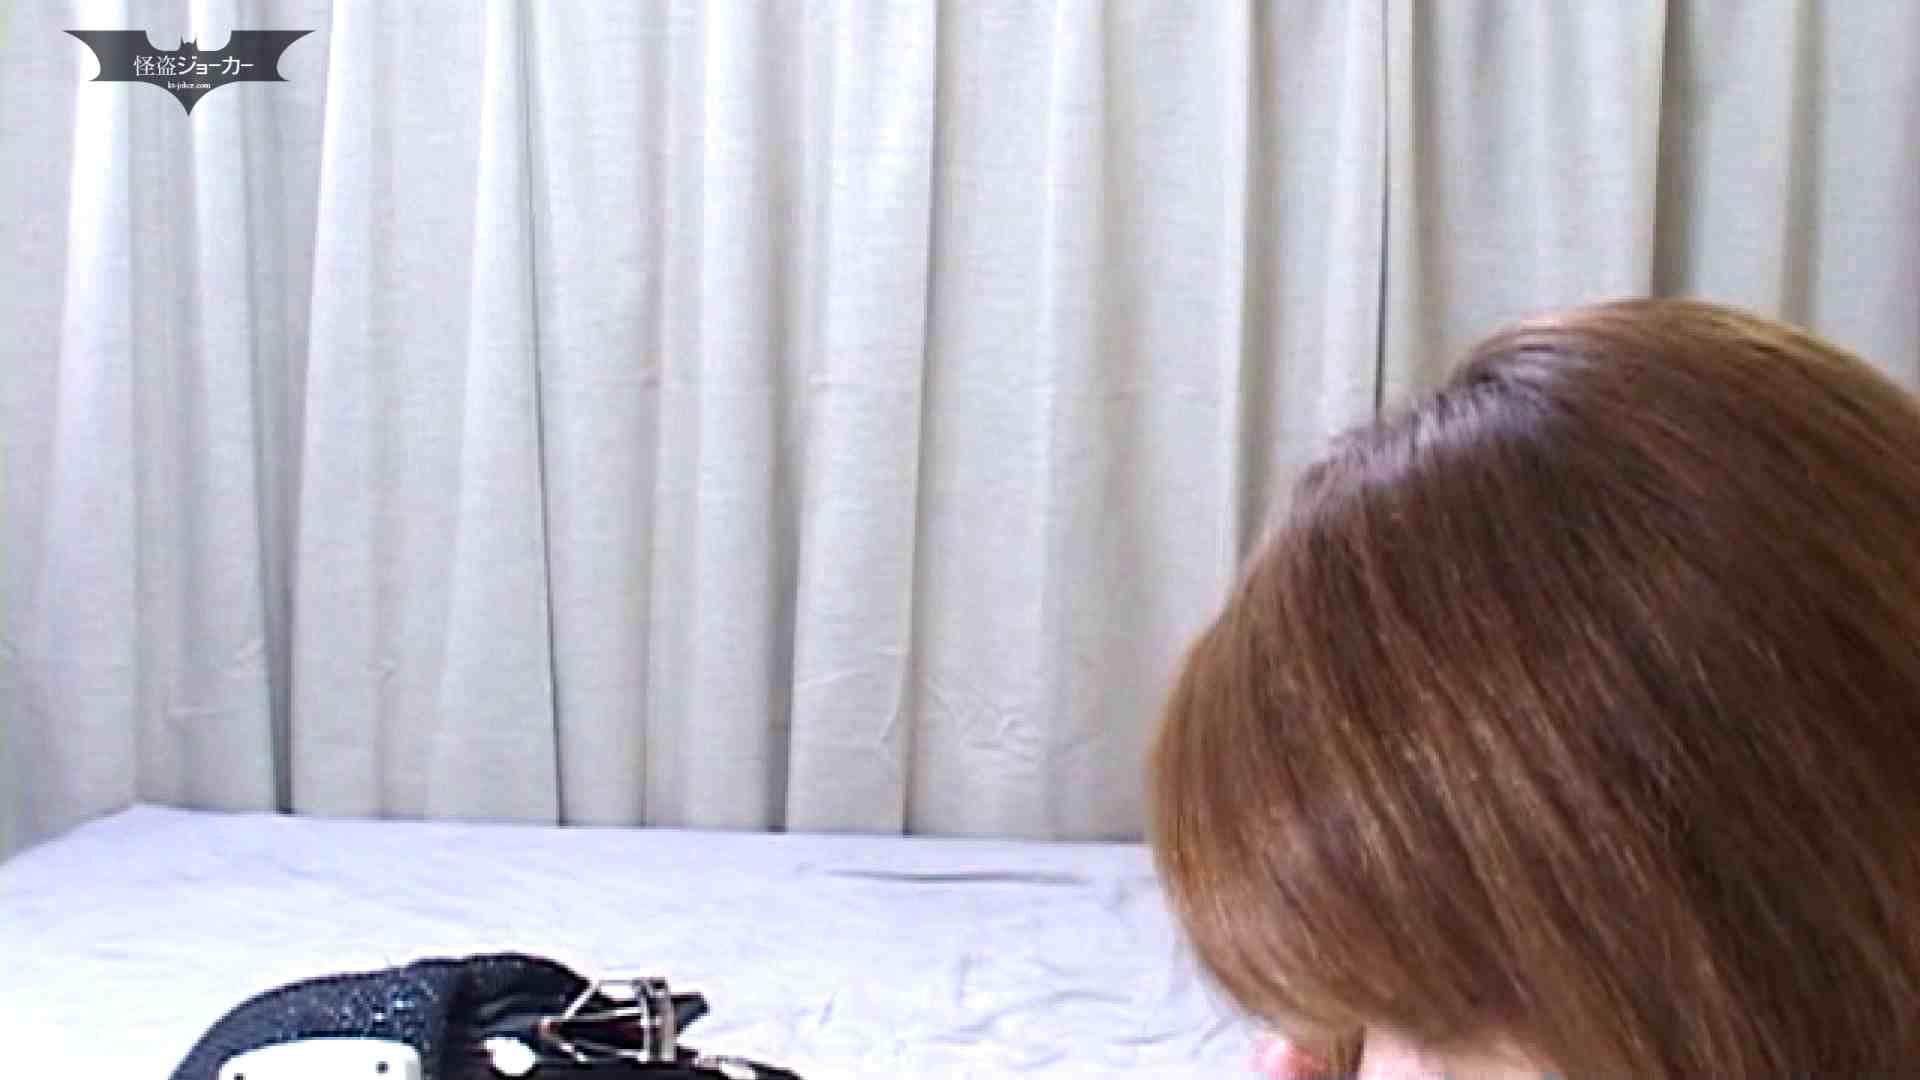 素人女良を部屋に連れ込み隠し撮りSEX!! その27 幼馴染みの女の子 まお 素人流出 | リアルSEX  66PIX 11